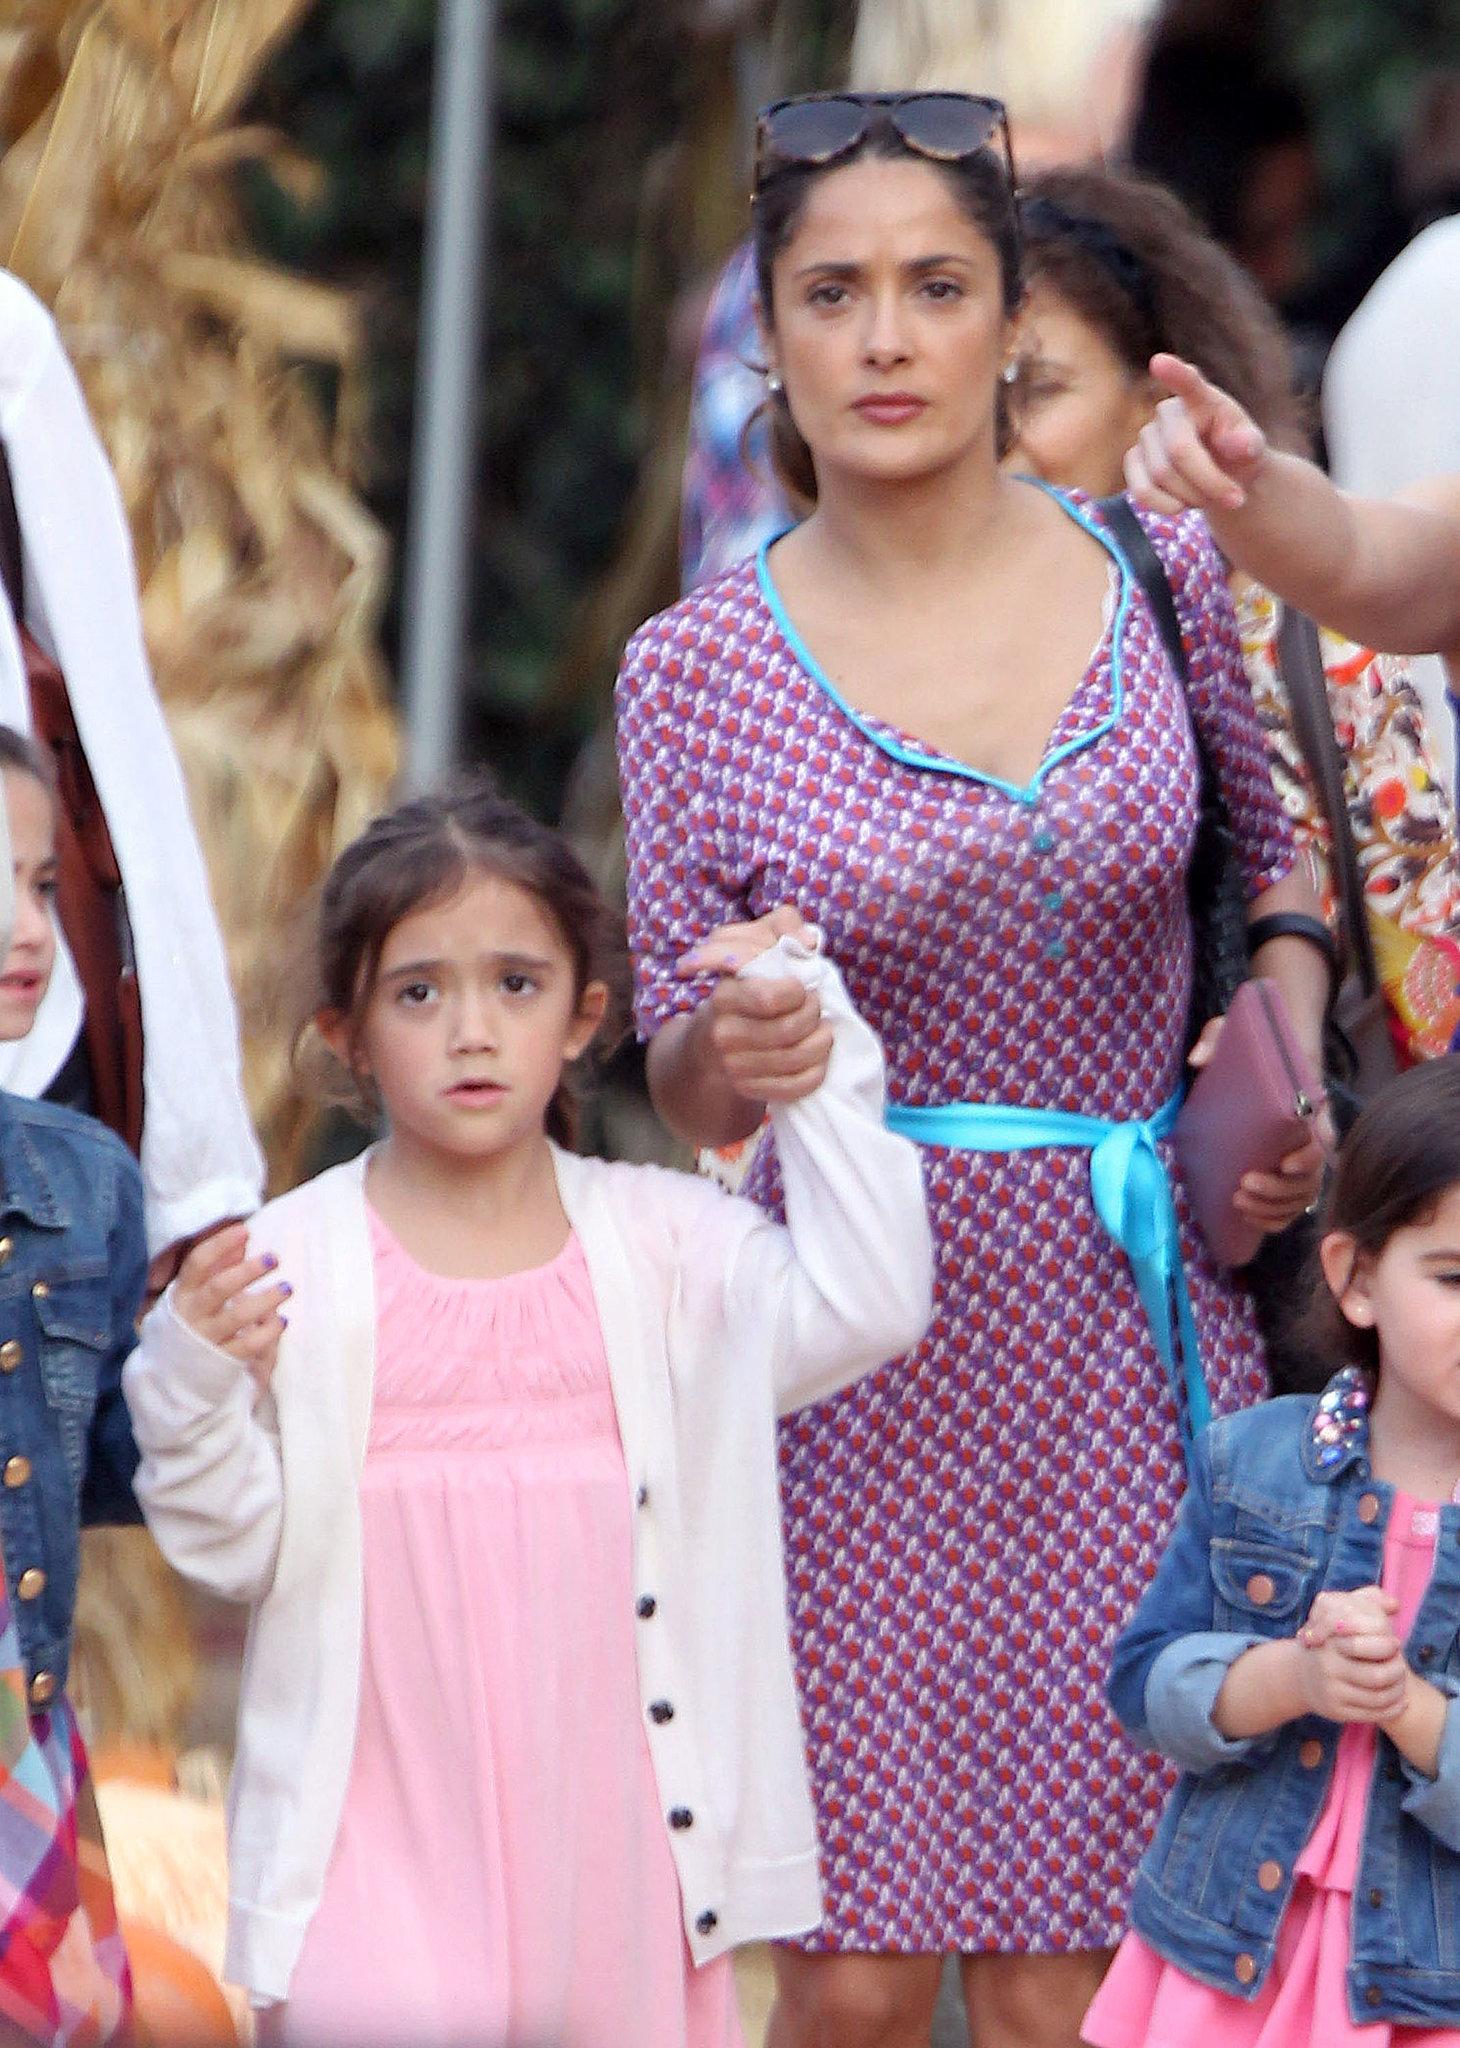 Salma-Hayek-went-pumpkin-hunting-LA-Saturday-her-daughter